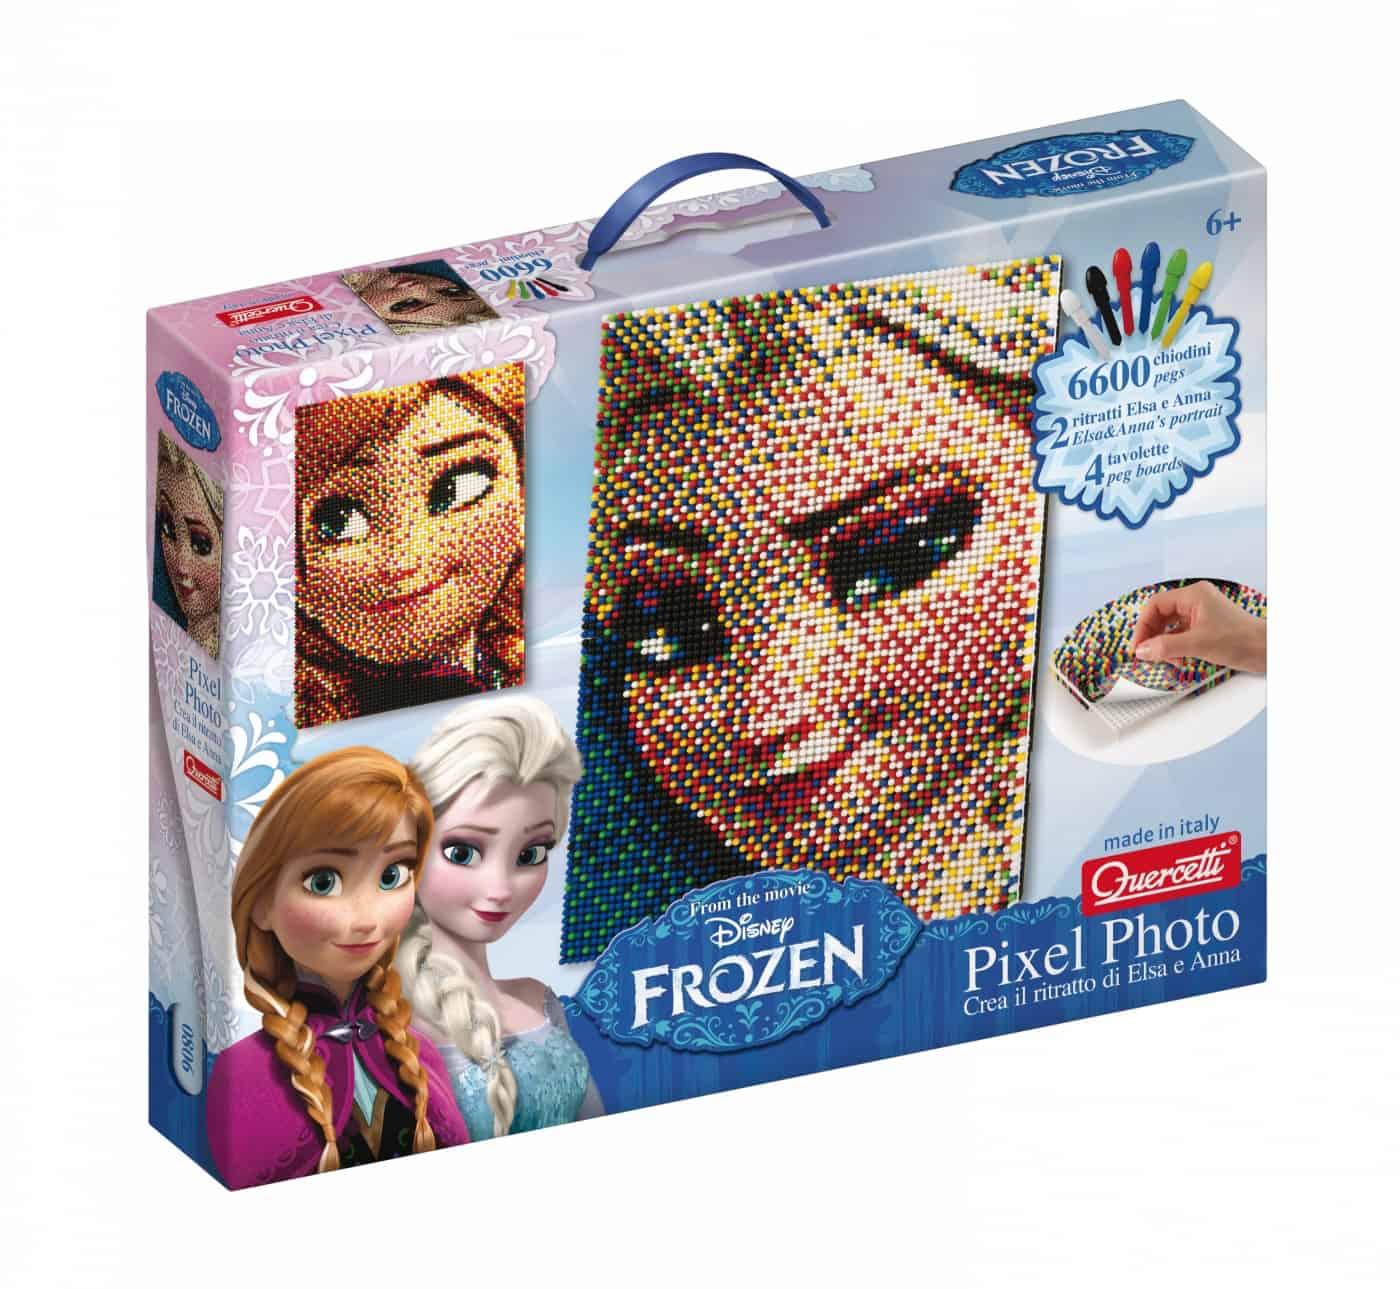 Arrivano per Natale Pixel Photo Frozen e Pixel Photo Princess firmati Quercetti!